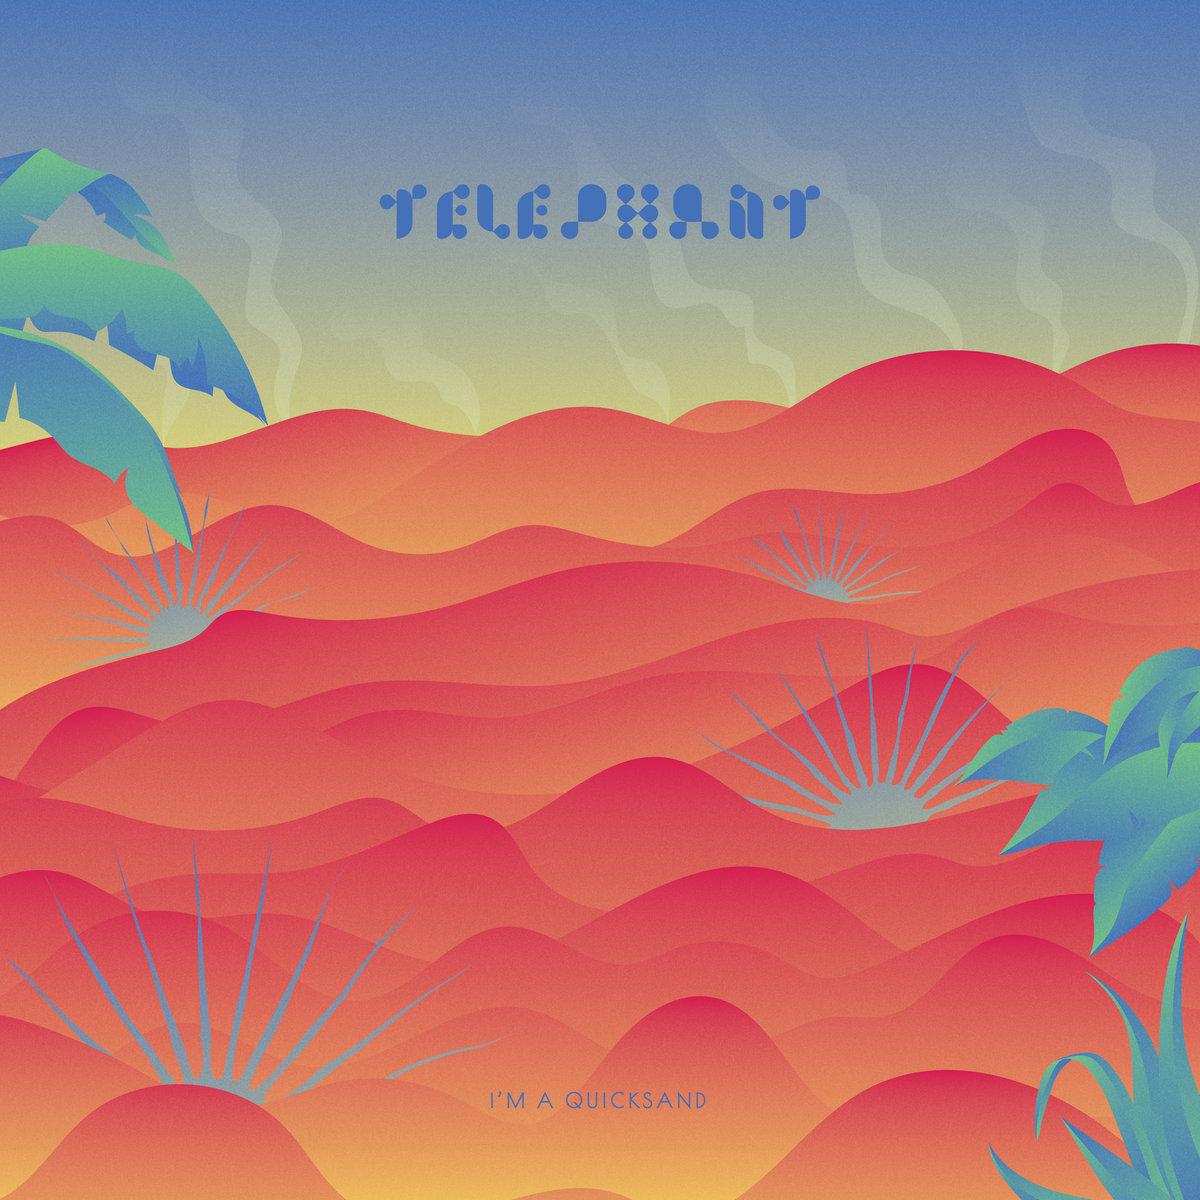 Telephant - I'm a Quicksand - La Mansarda - Bandcamp - ascolti - 2020 - Sa Scena Sarda